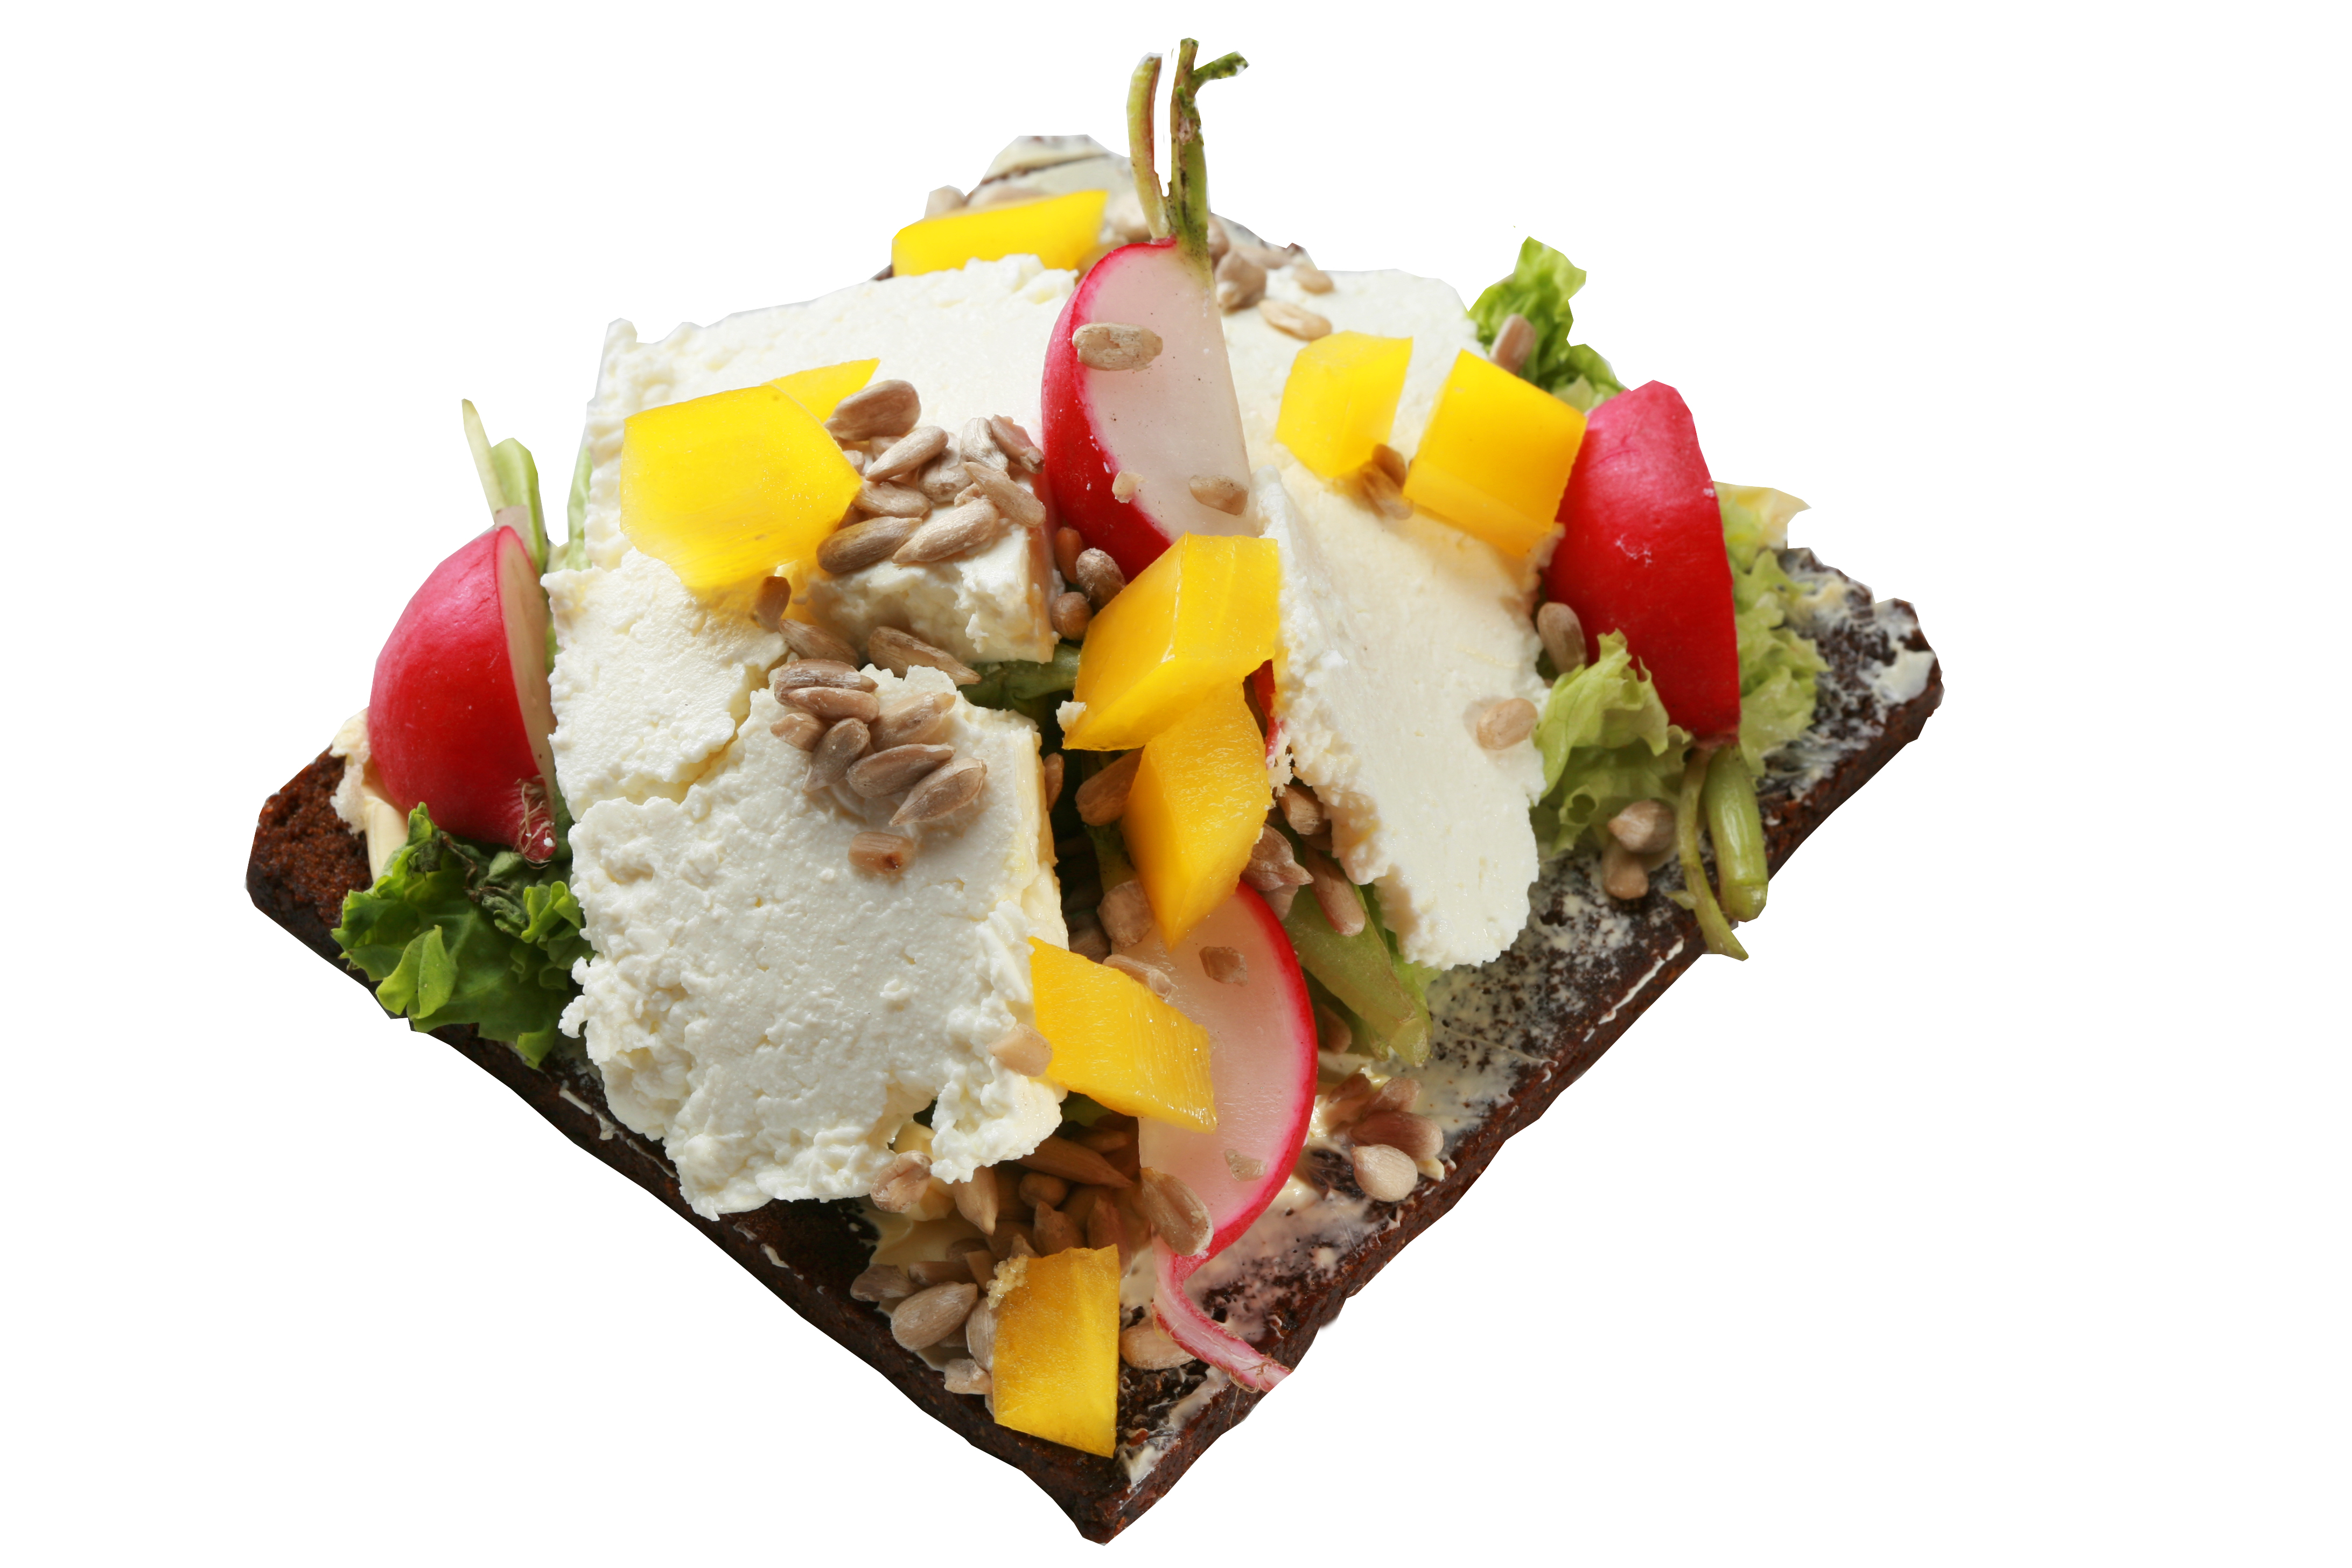 Kanapka z serem twarogowym, rzodkiewką, sałatą i pestkami słonecznika